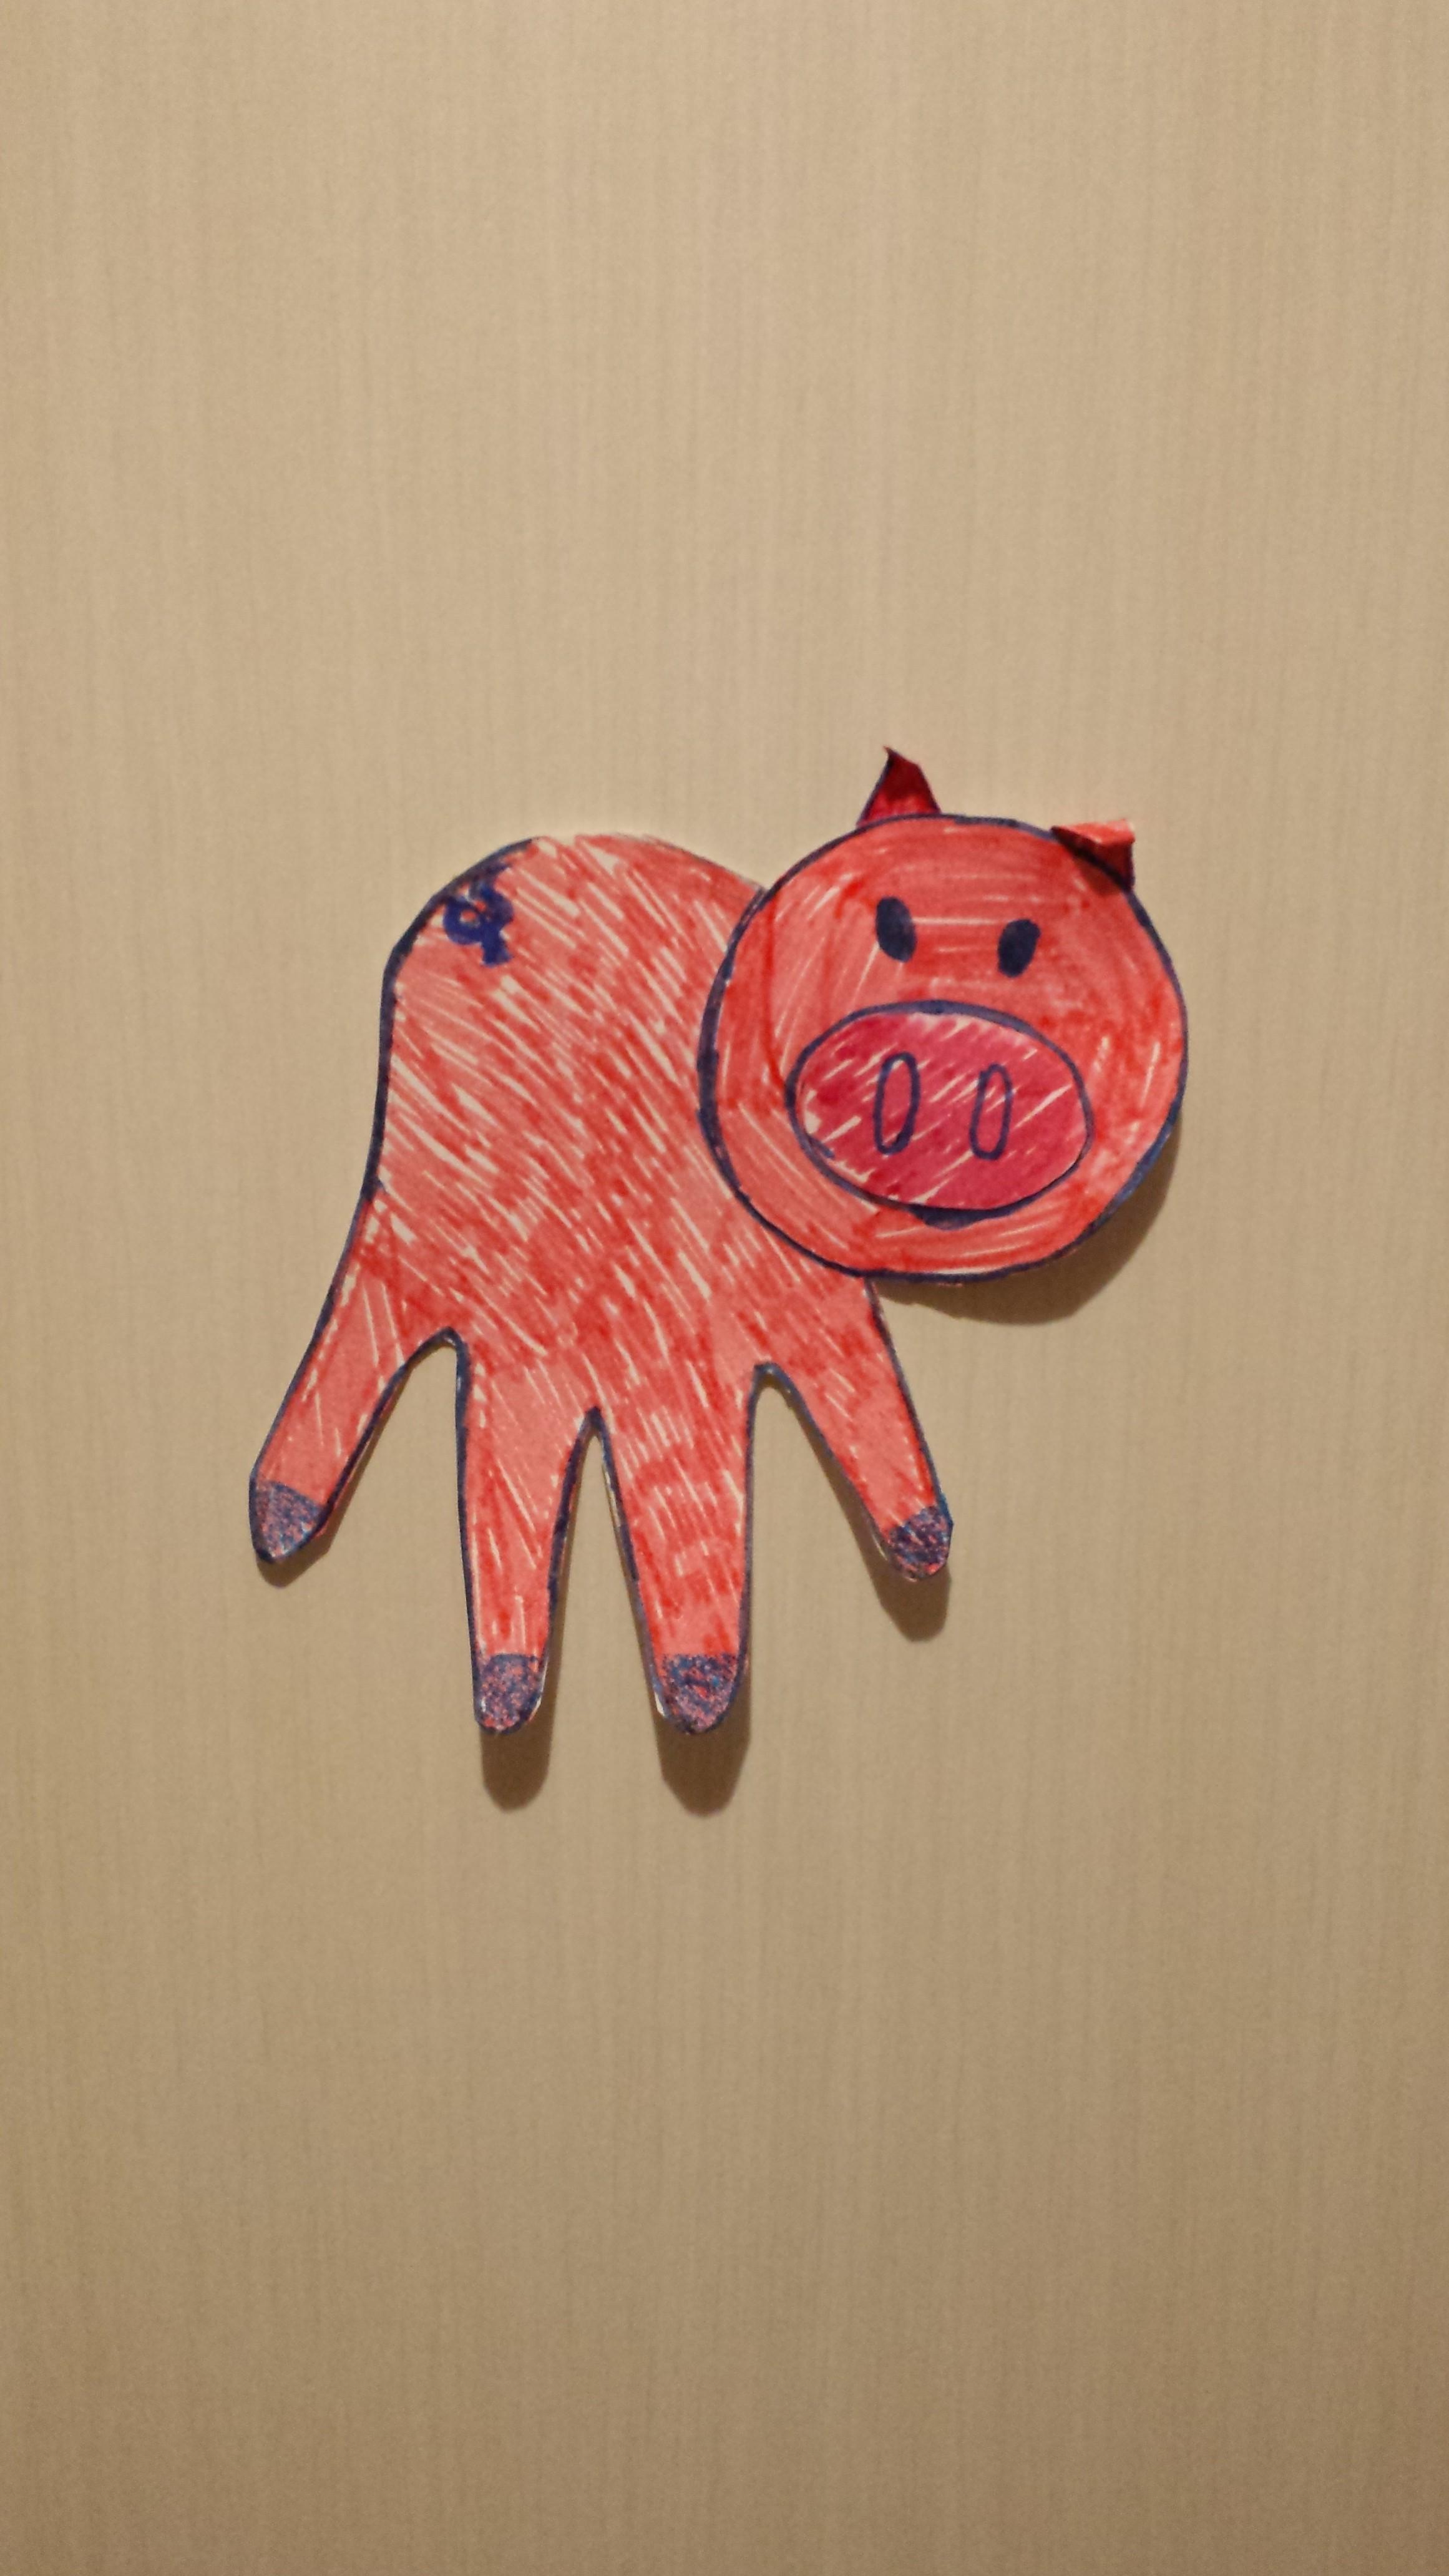 Animali con le manine il maialino pig handprint bimbi for Maialino disegno per bambini